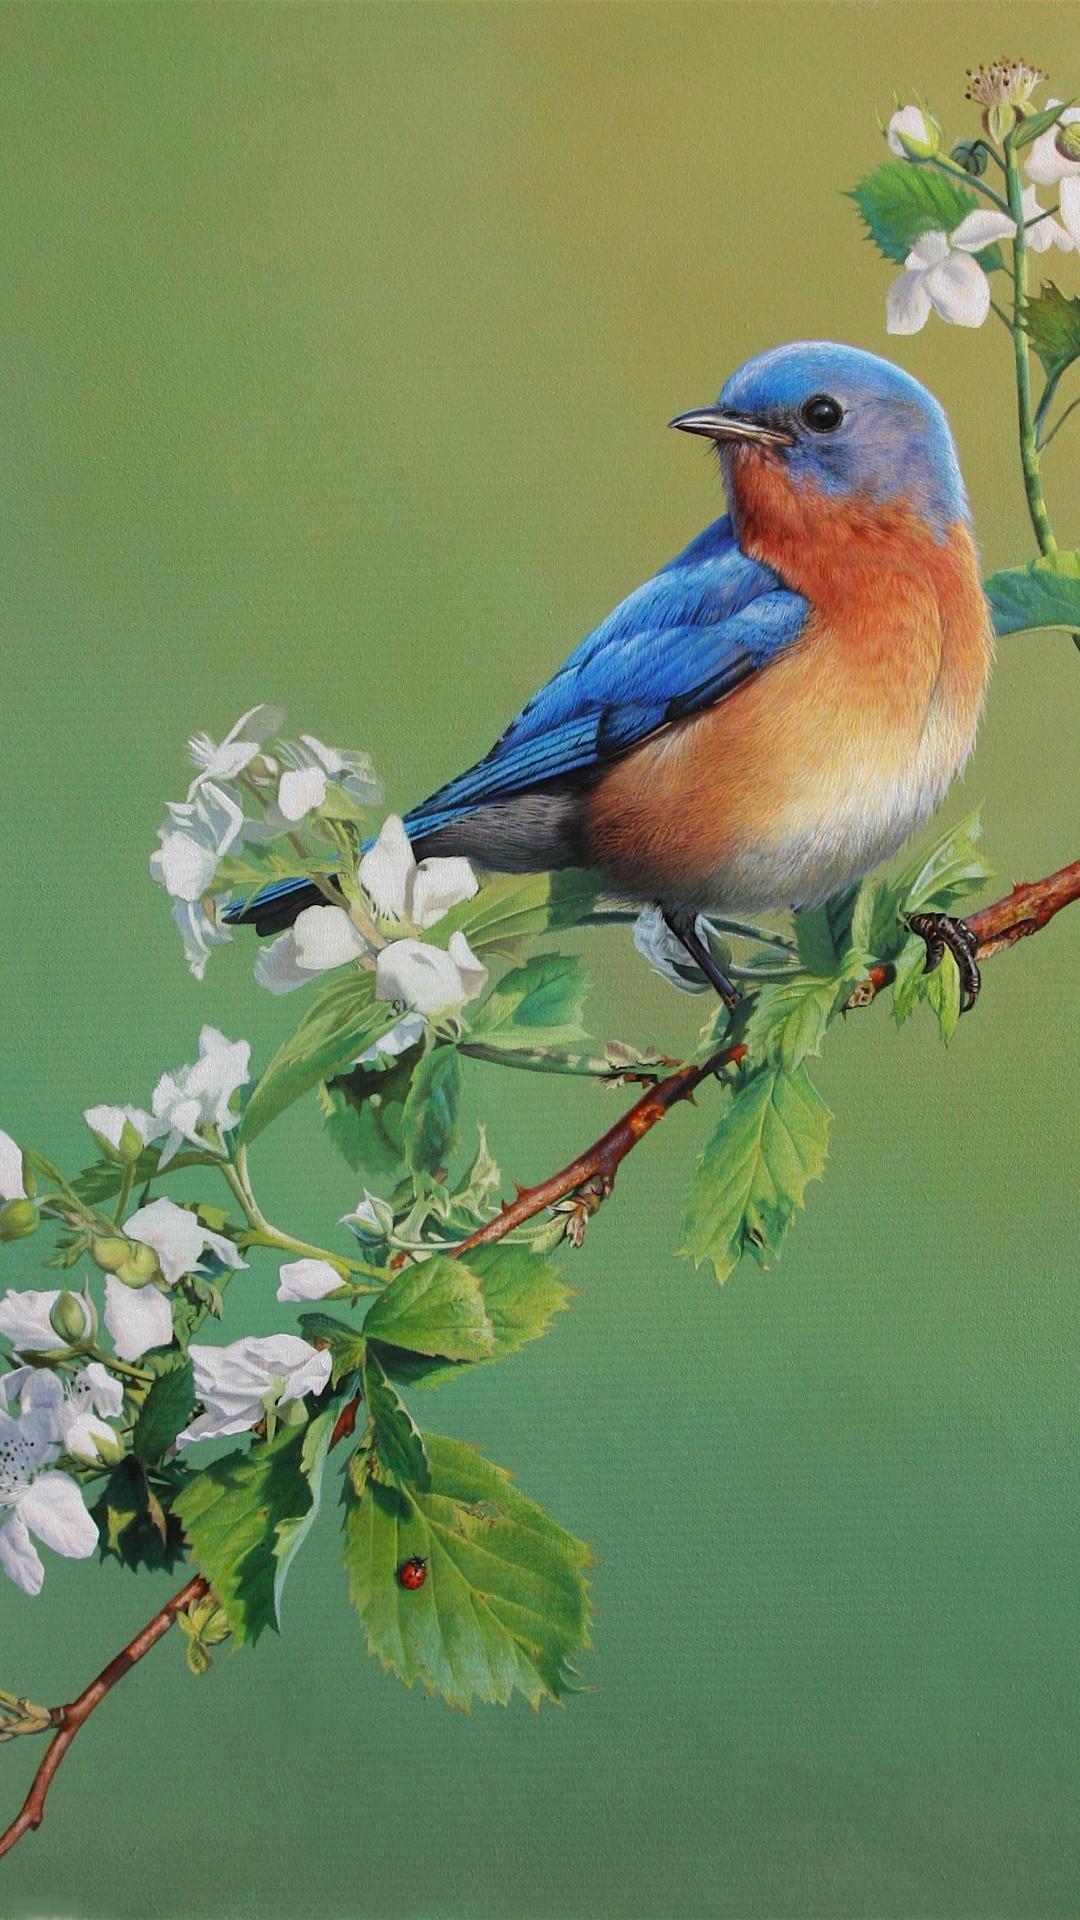 blue bird wallpaper 68